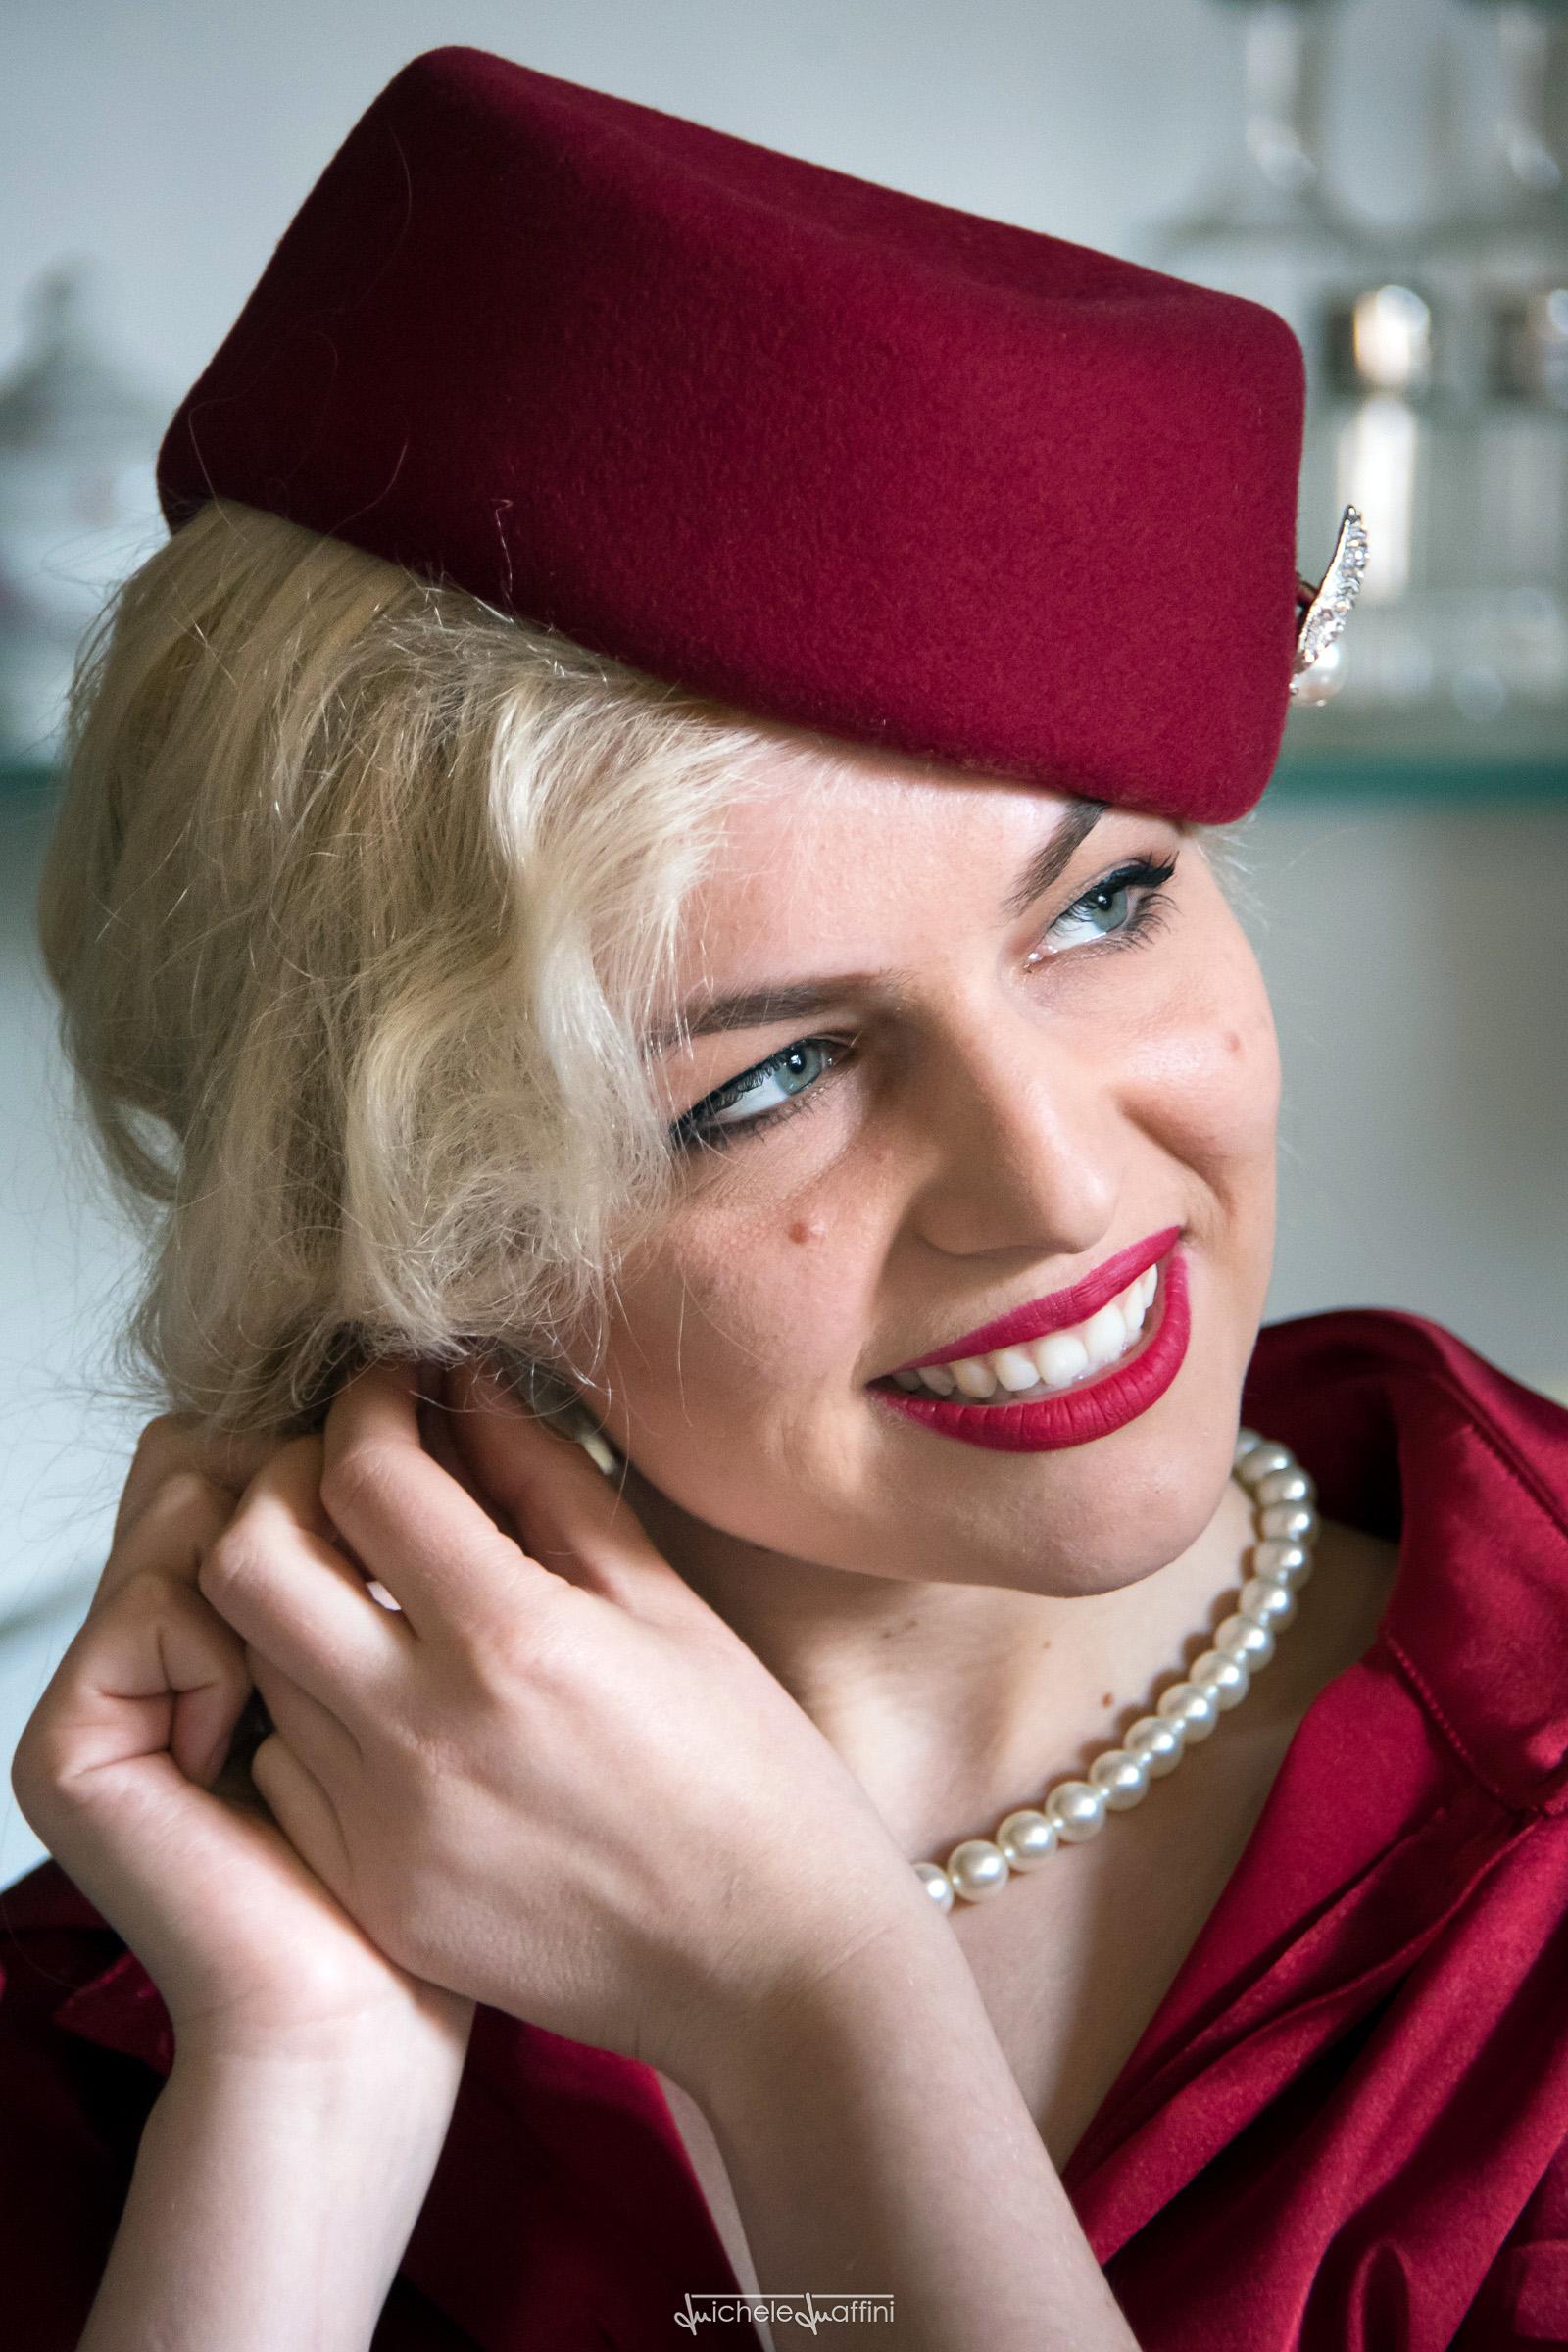 Lili White